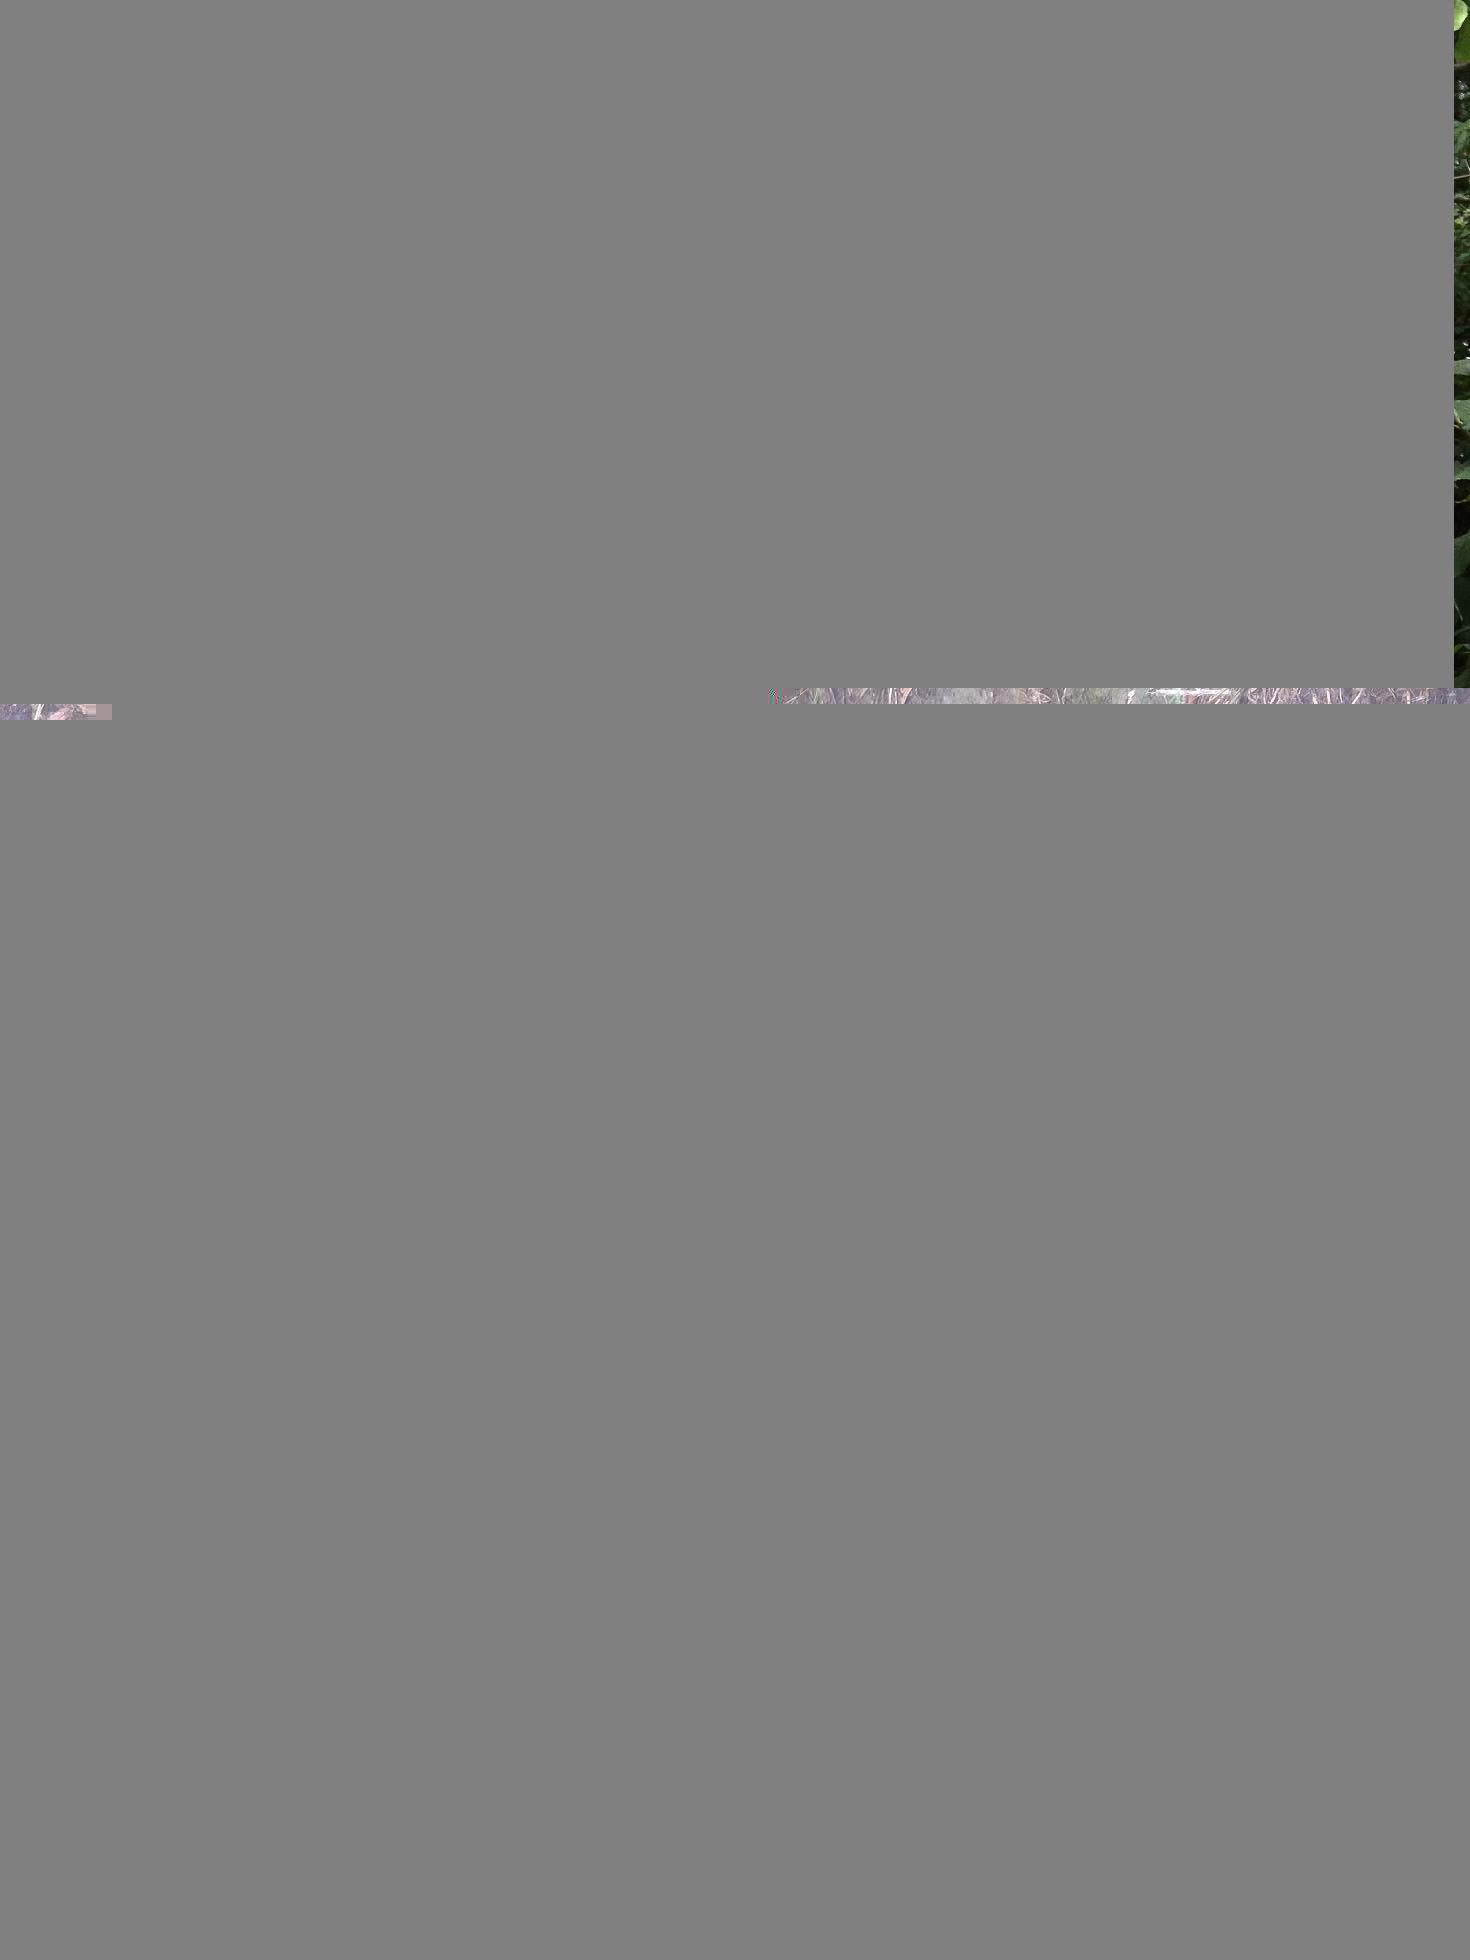 2D5817ED-25FF-4920-90C2-0CE2B1241460.jpeg